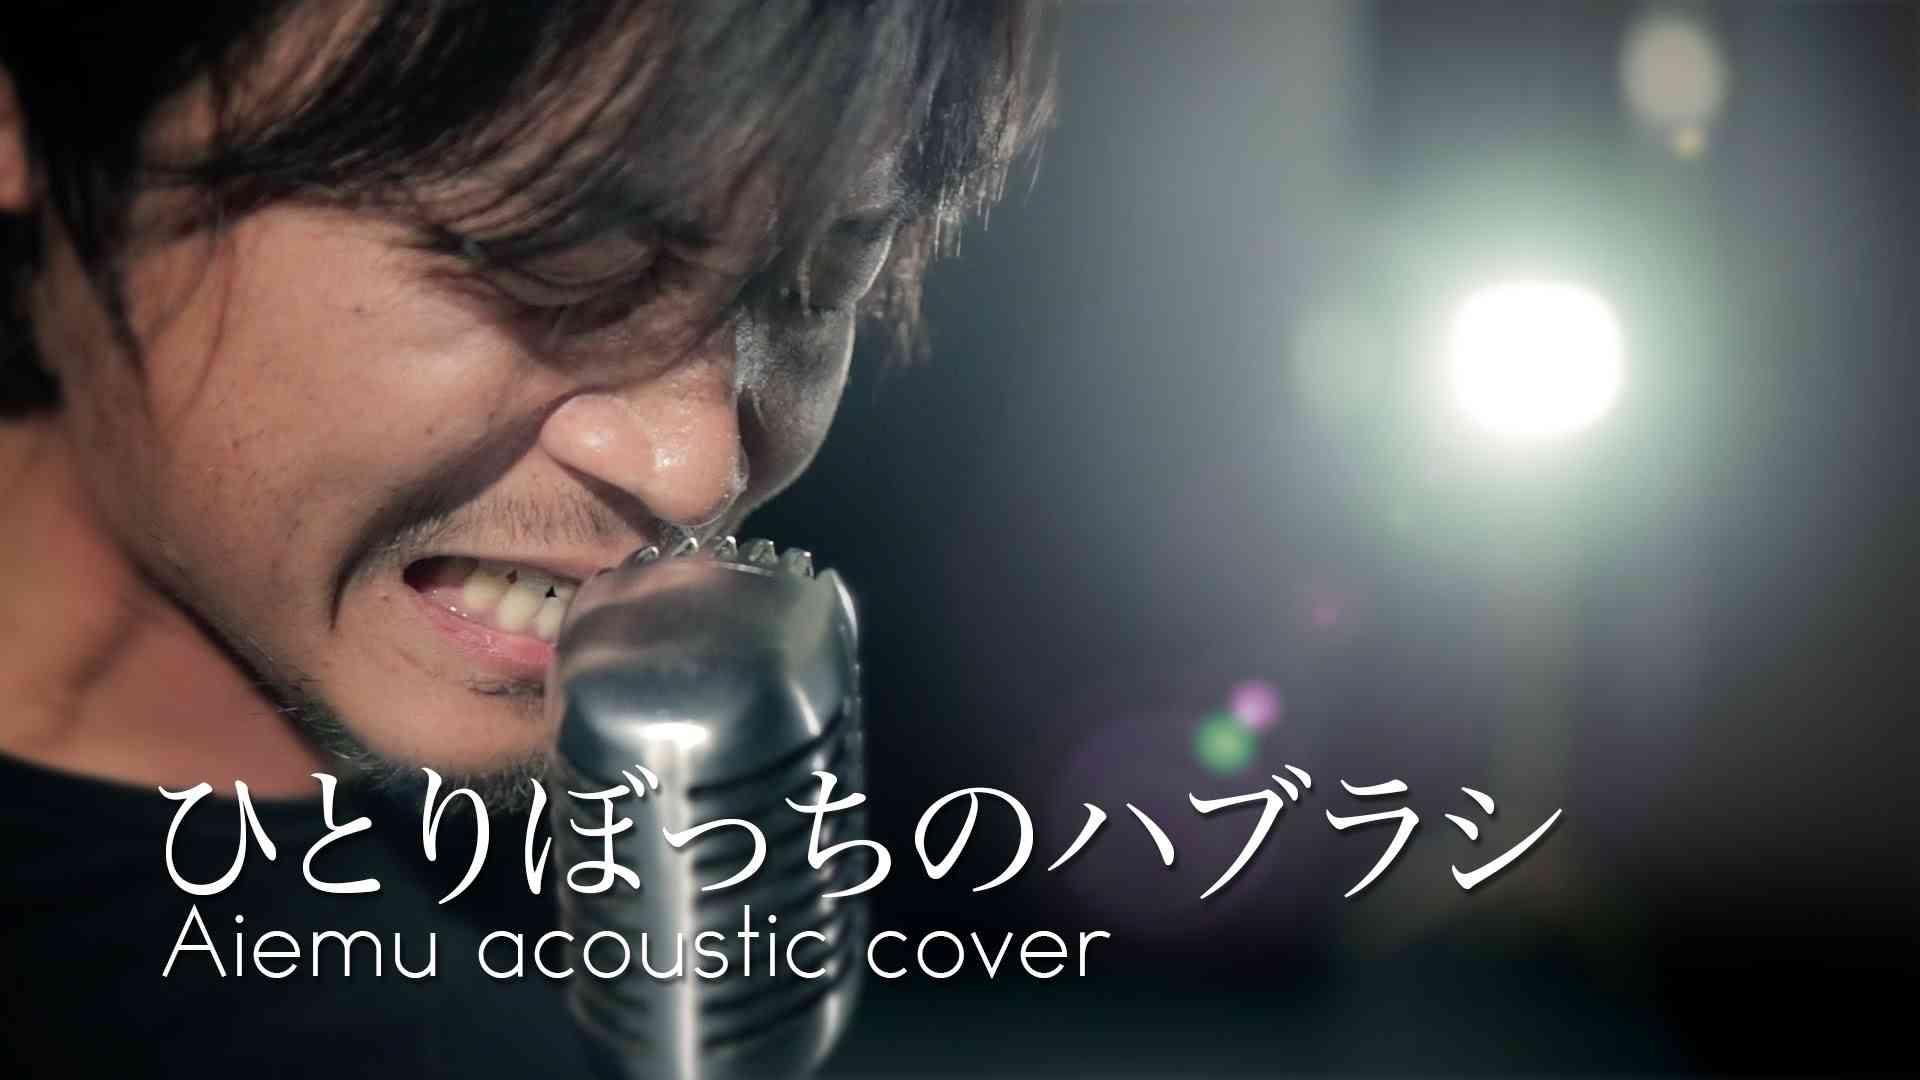 ひとりぼっちのハブラシ - 桜庭裕一郎(長瀬智也)愛笑む acoustic cover - YouTube